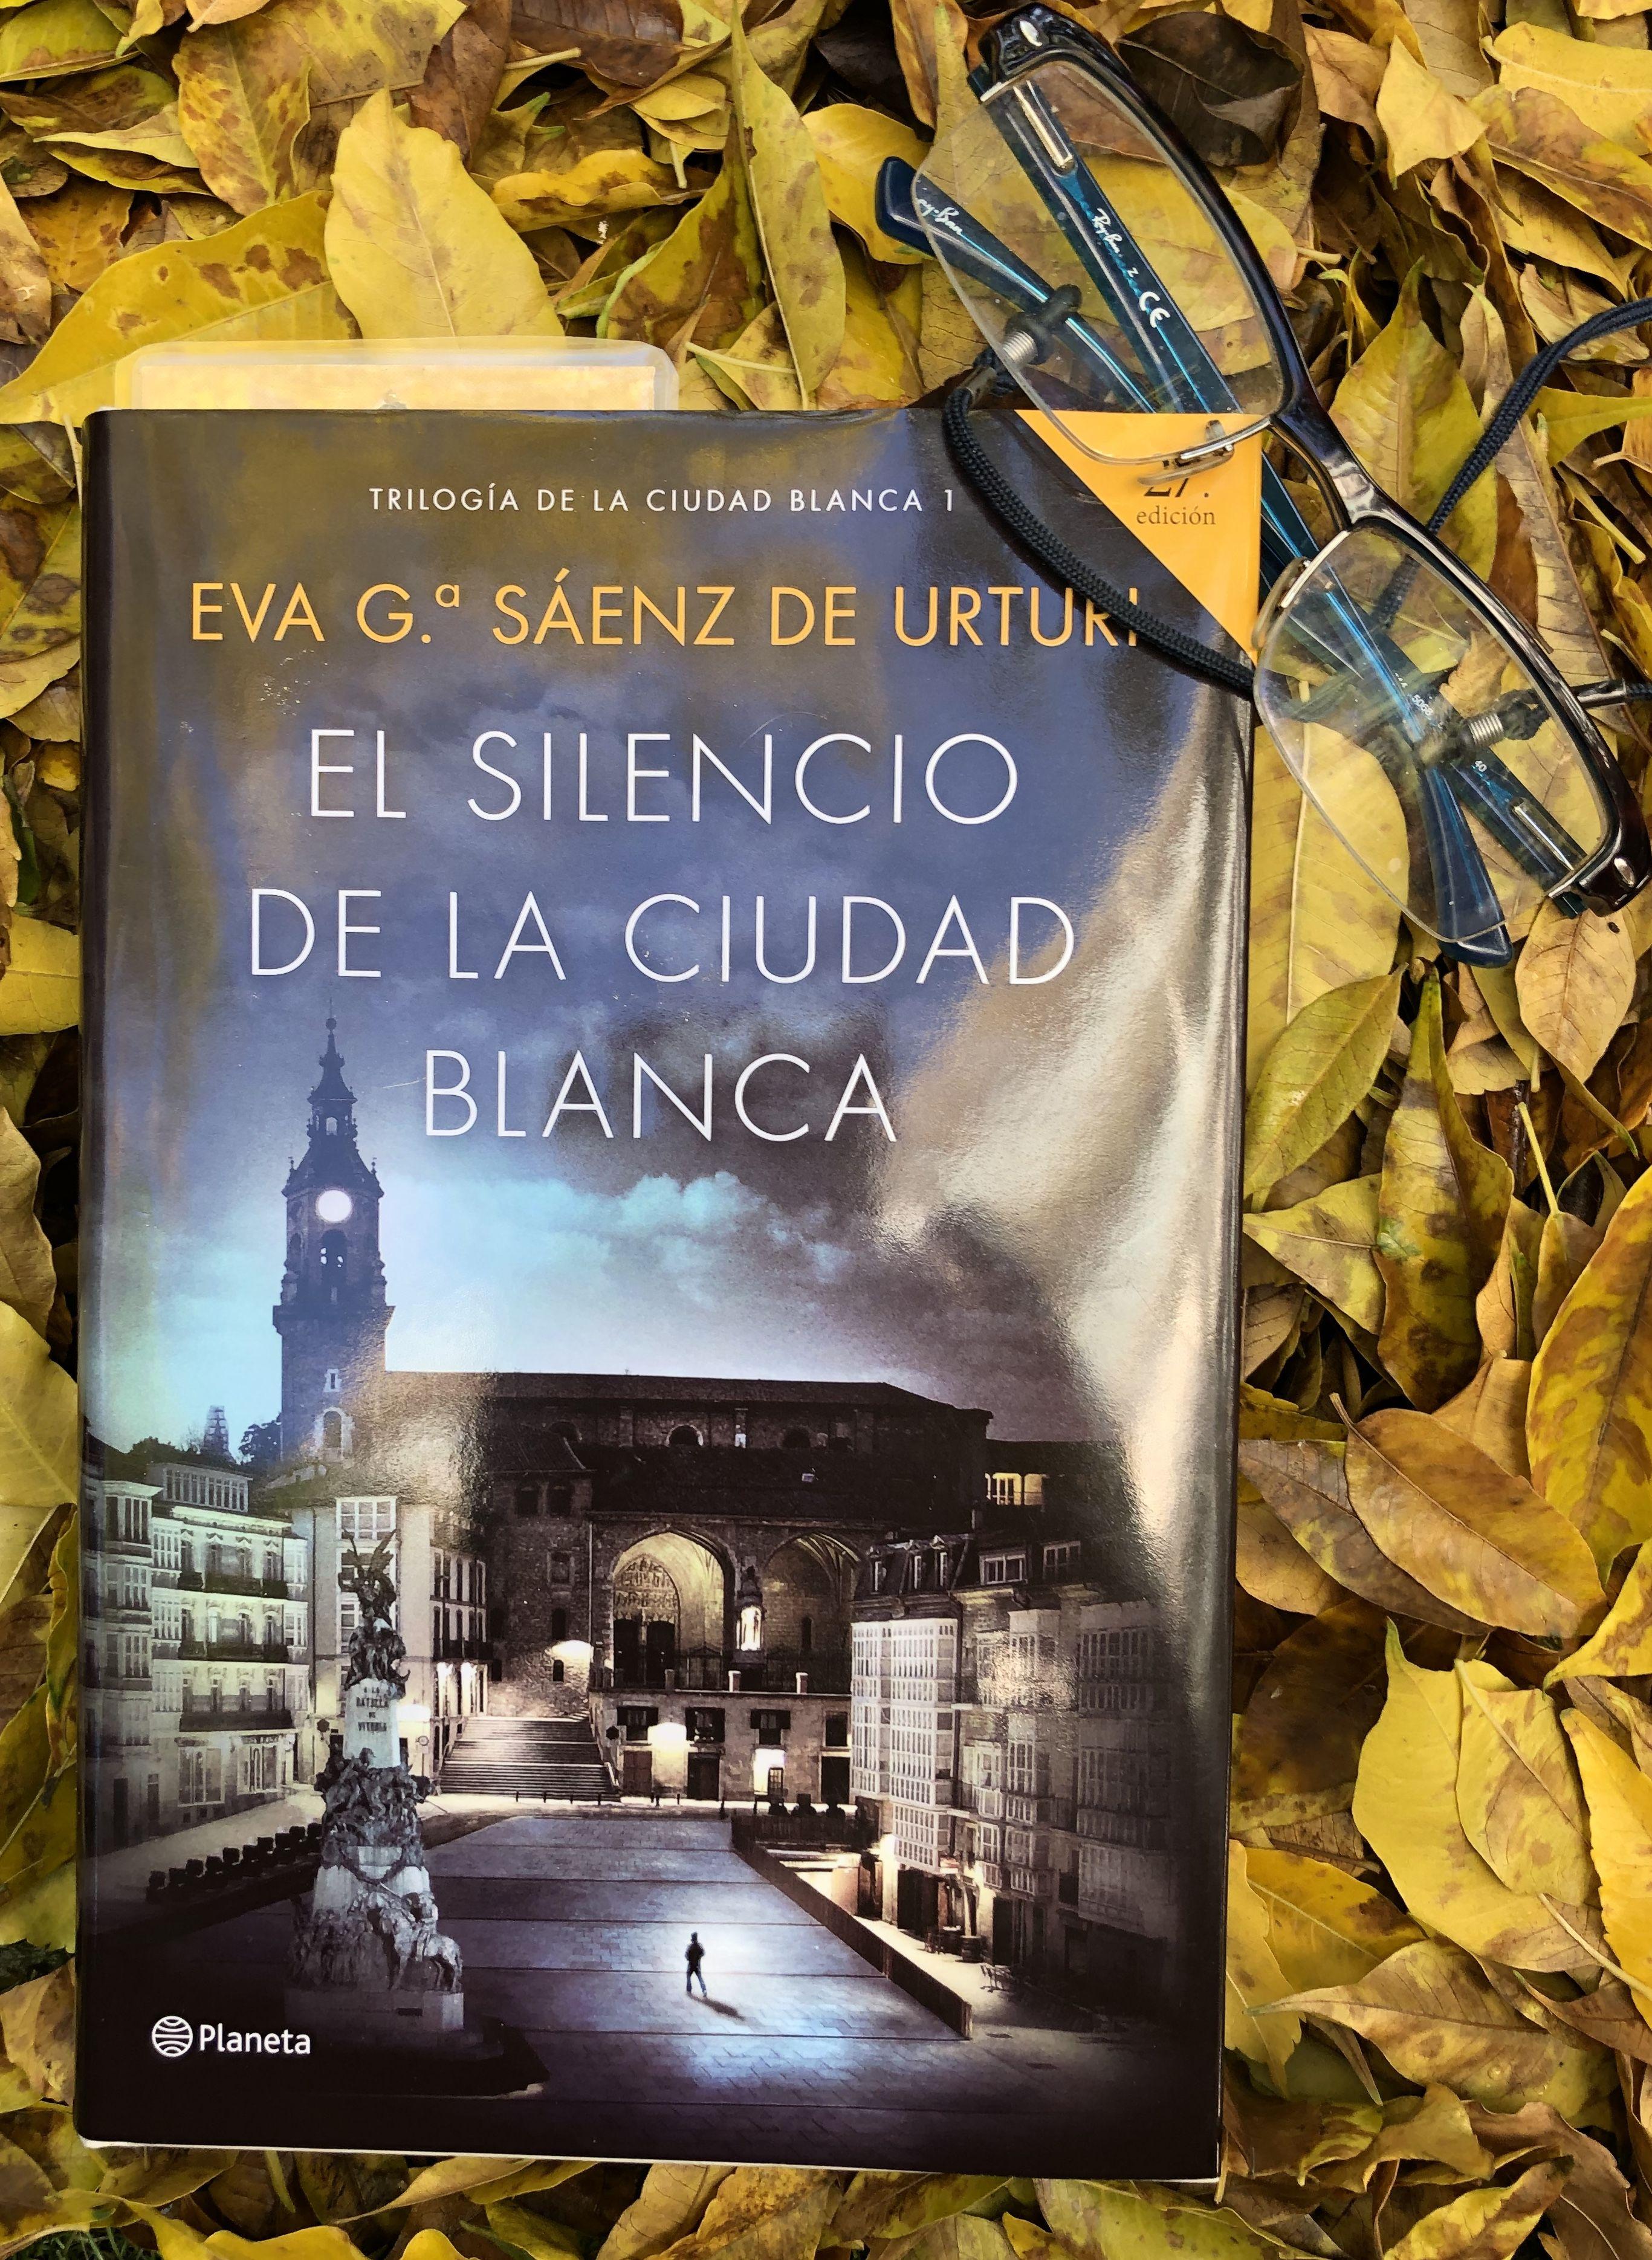 El silencio de la ciudad blanca, Eva García Sainz de Urturi; 19/11